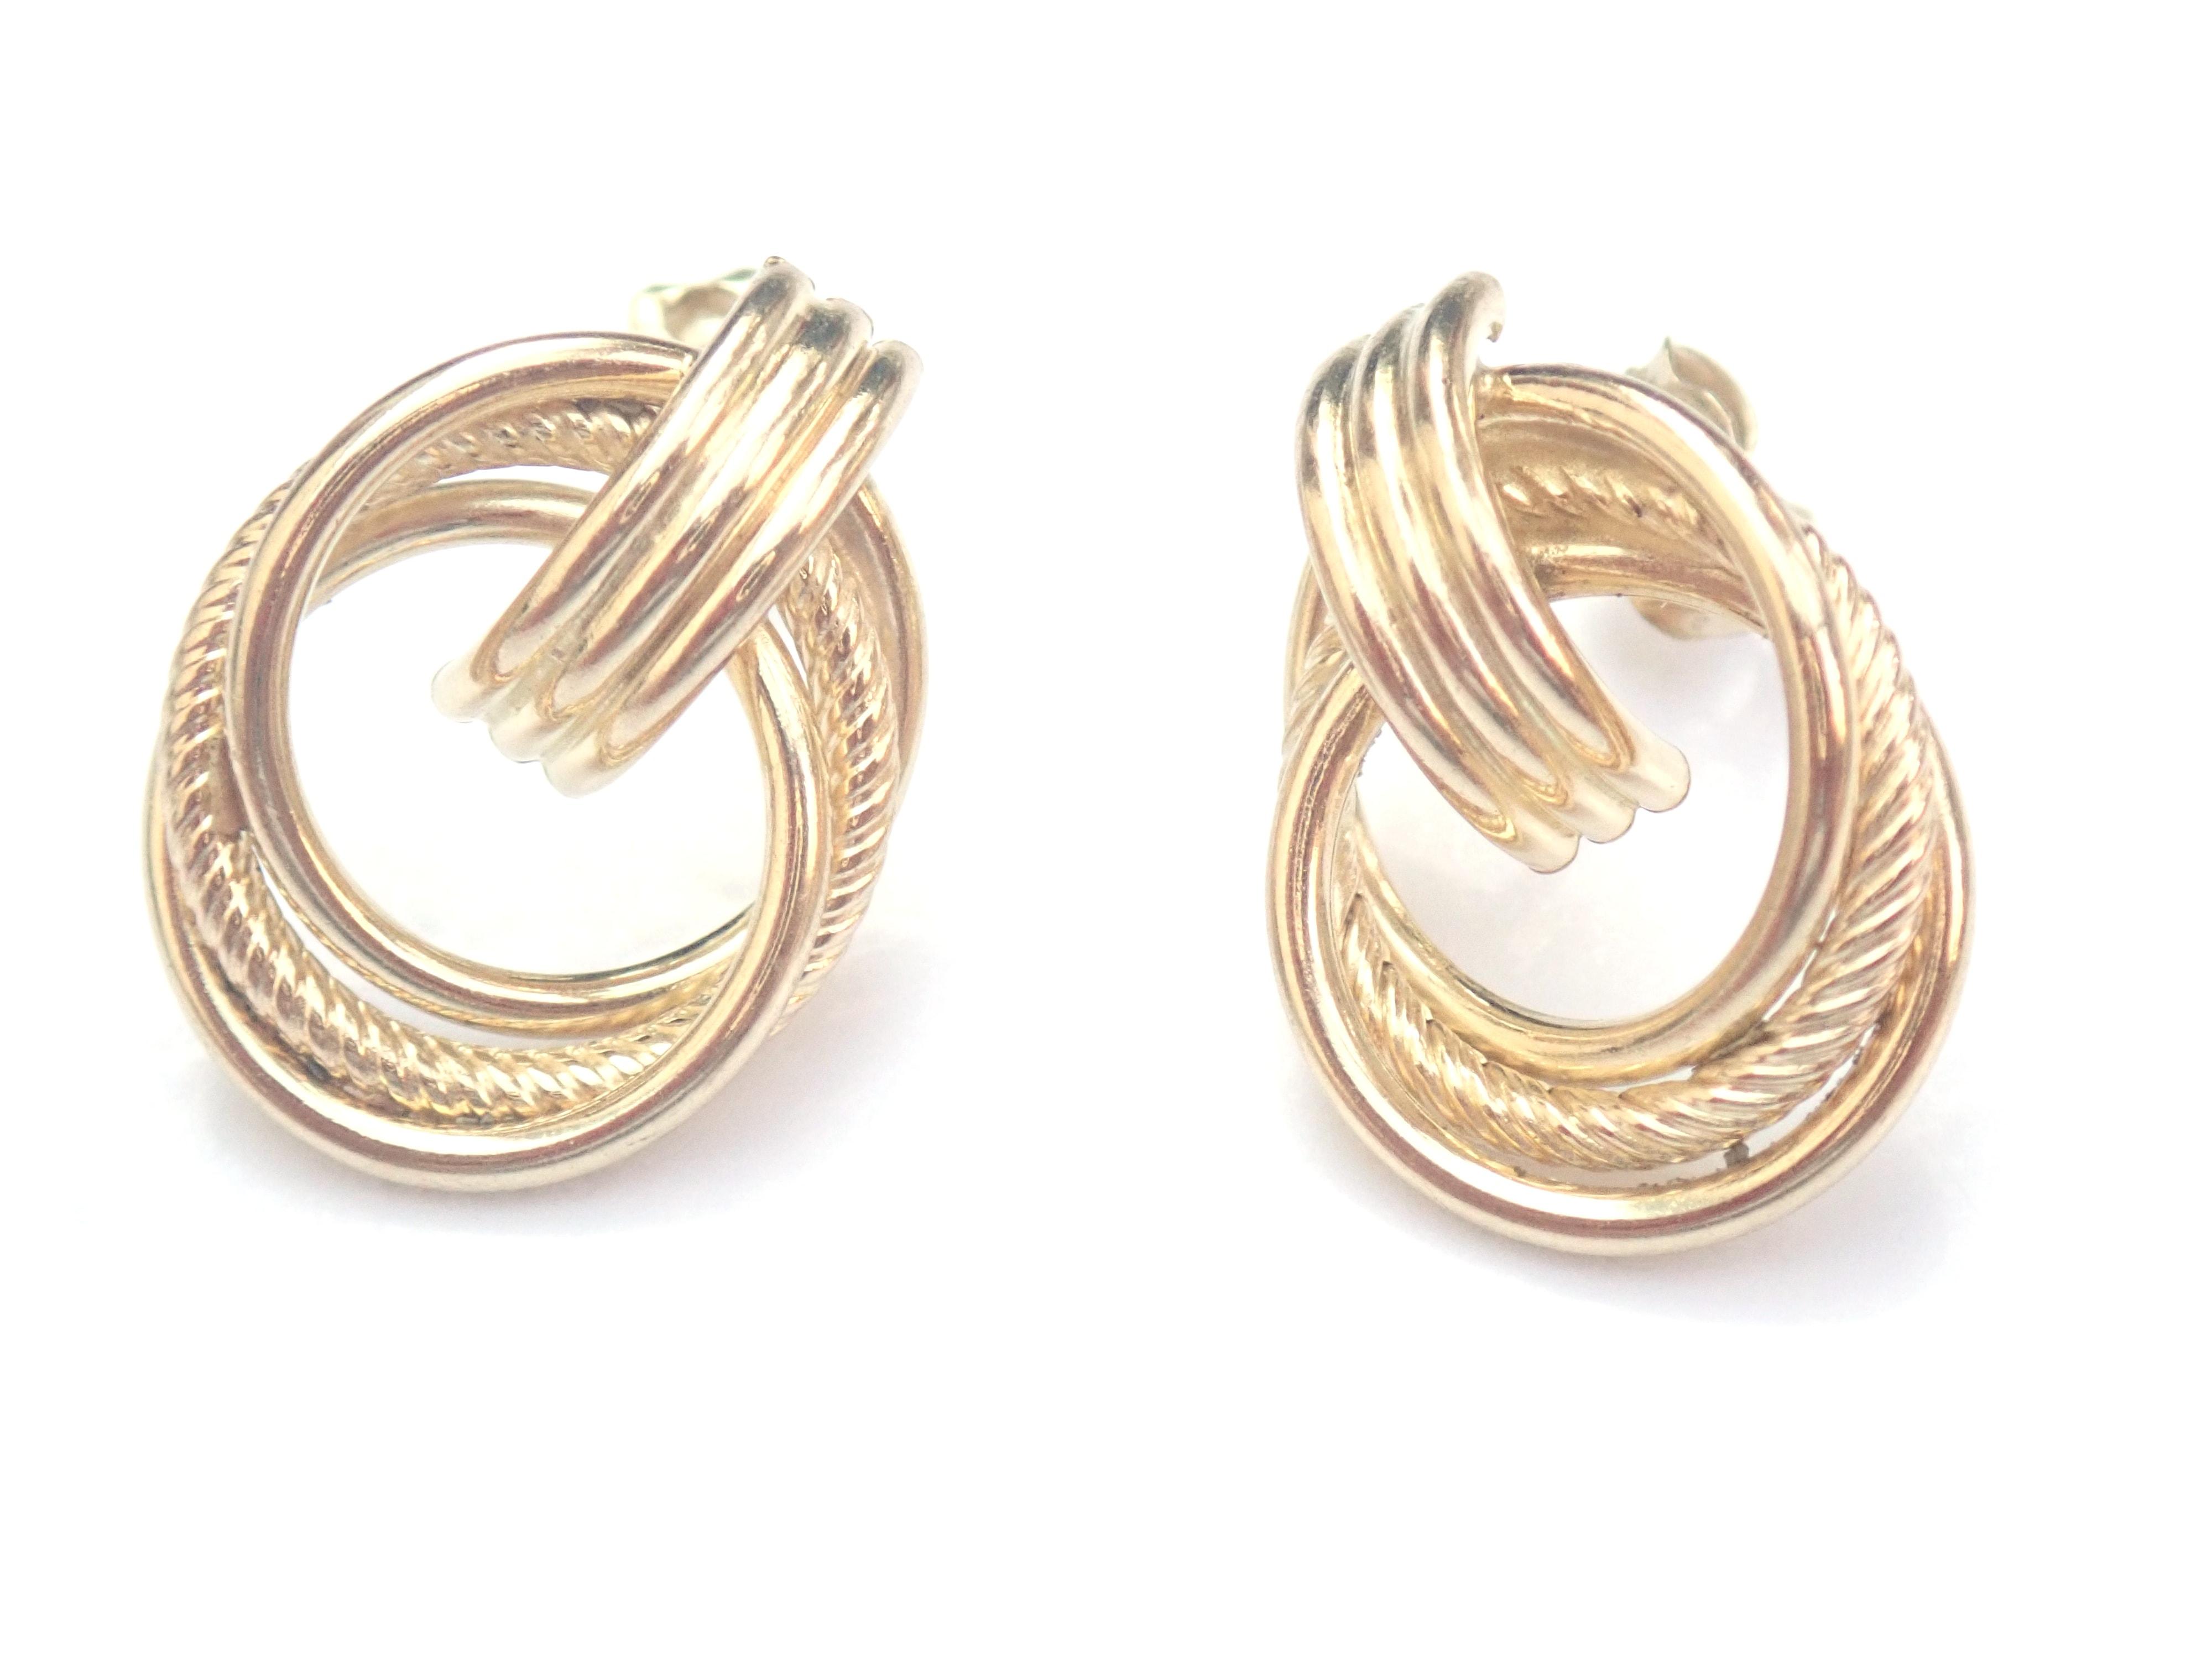 AZZ00488 - 9k 375 Yellow Gold Knot Dangly - Stud Earrings 1.8g #30